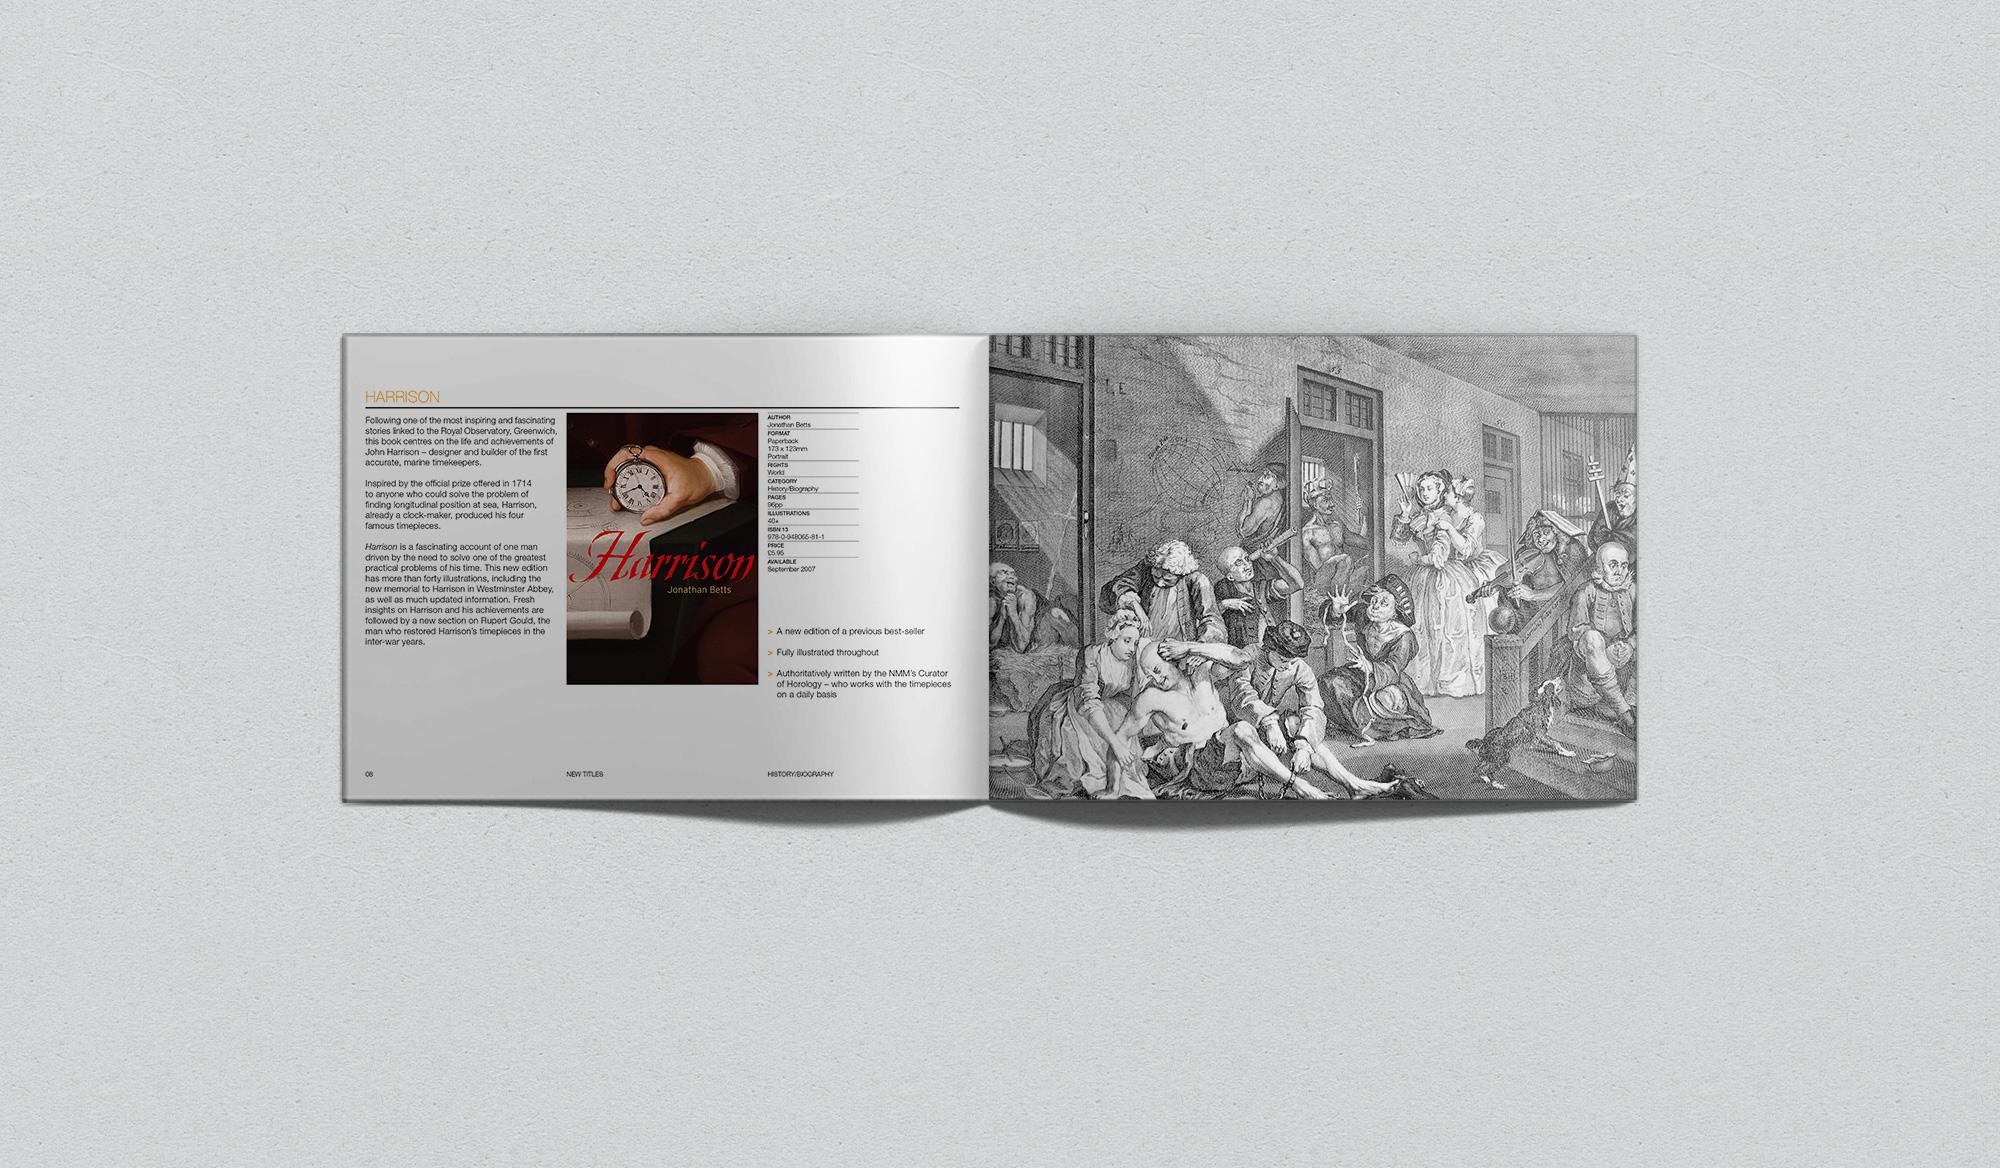 nmm-catalogue-spread-1